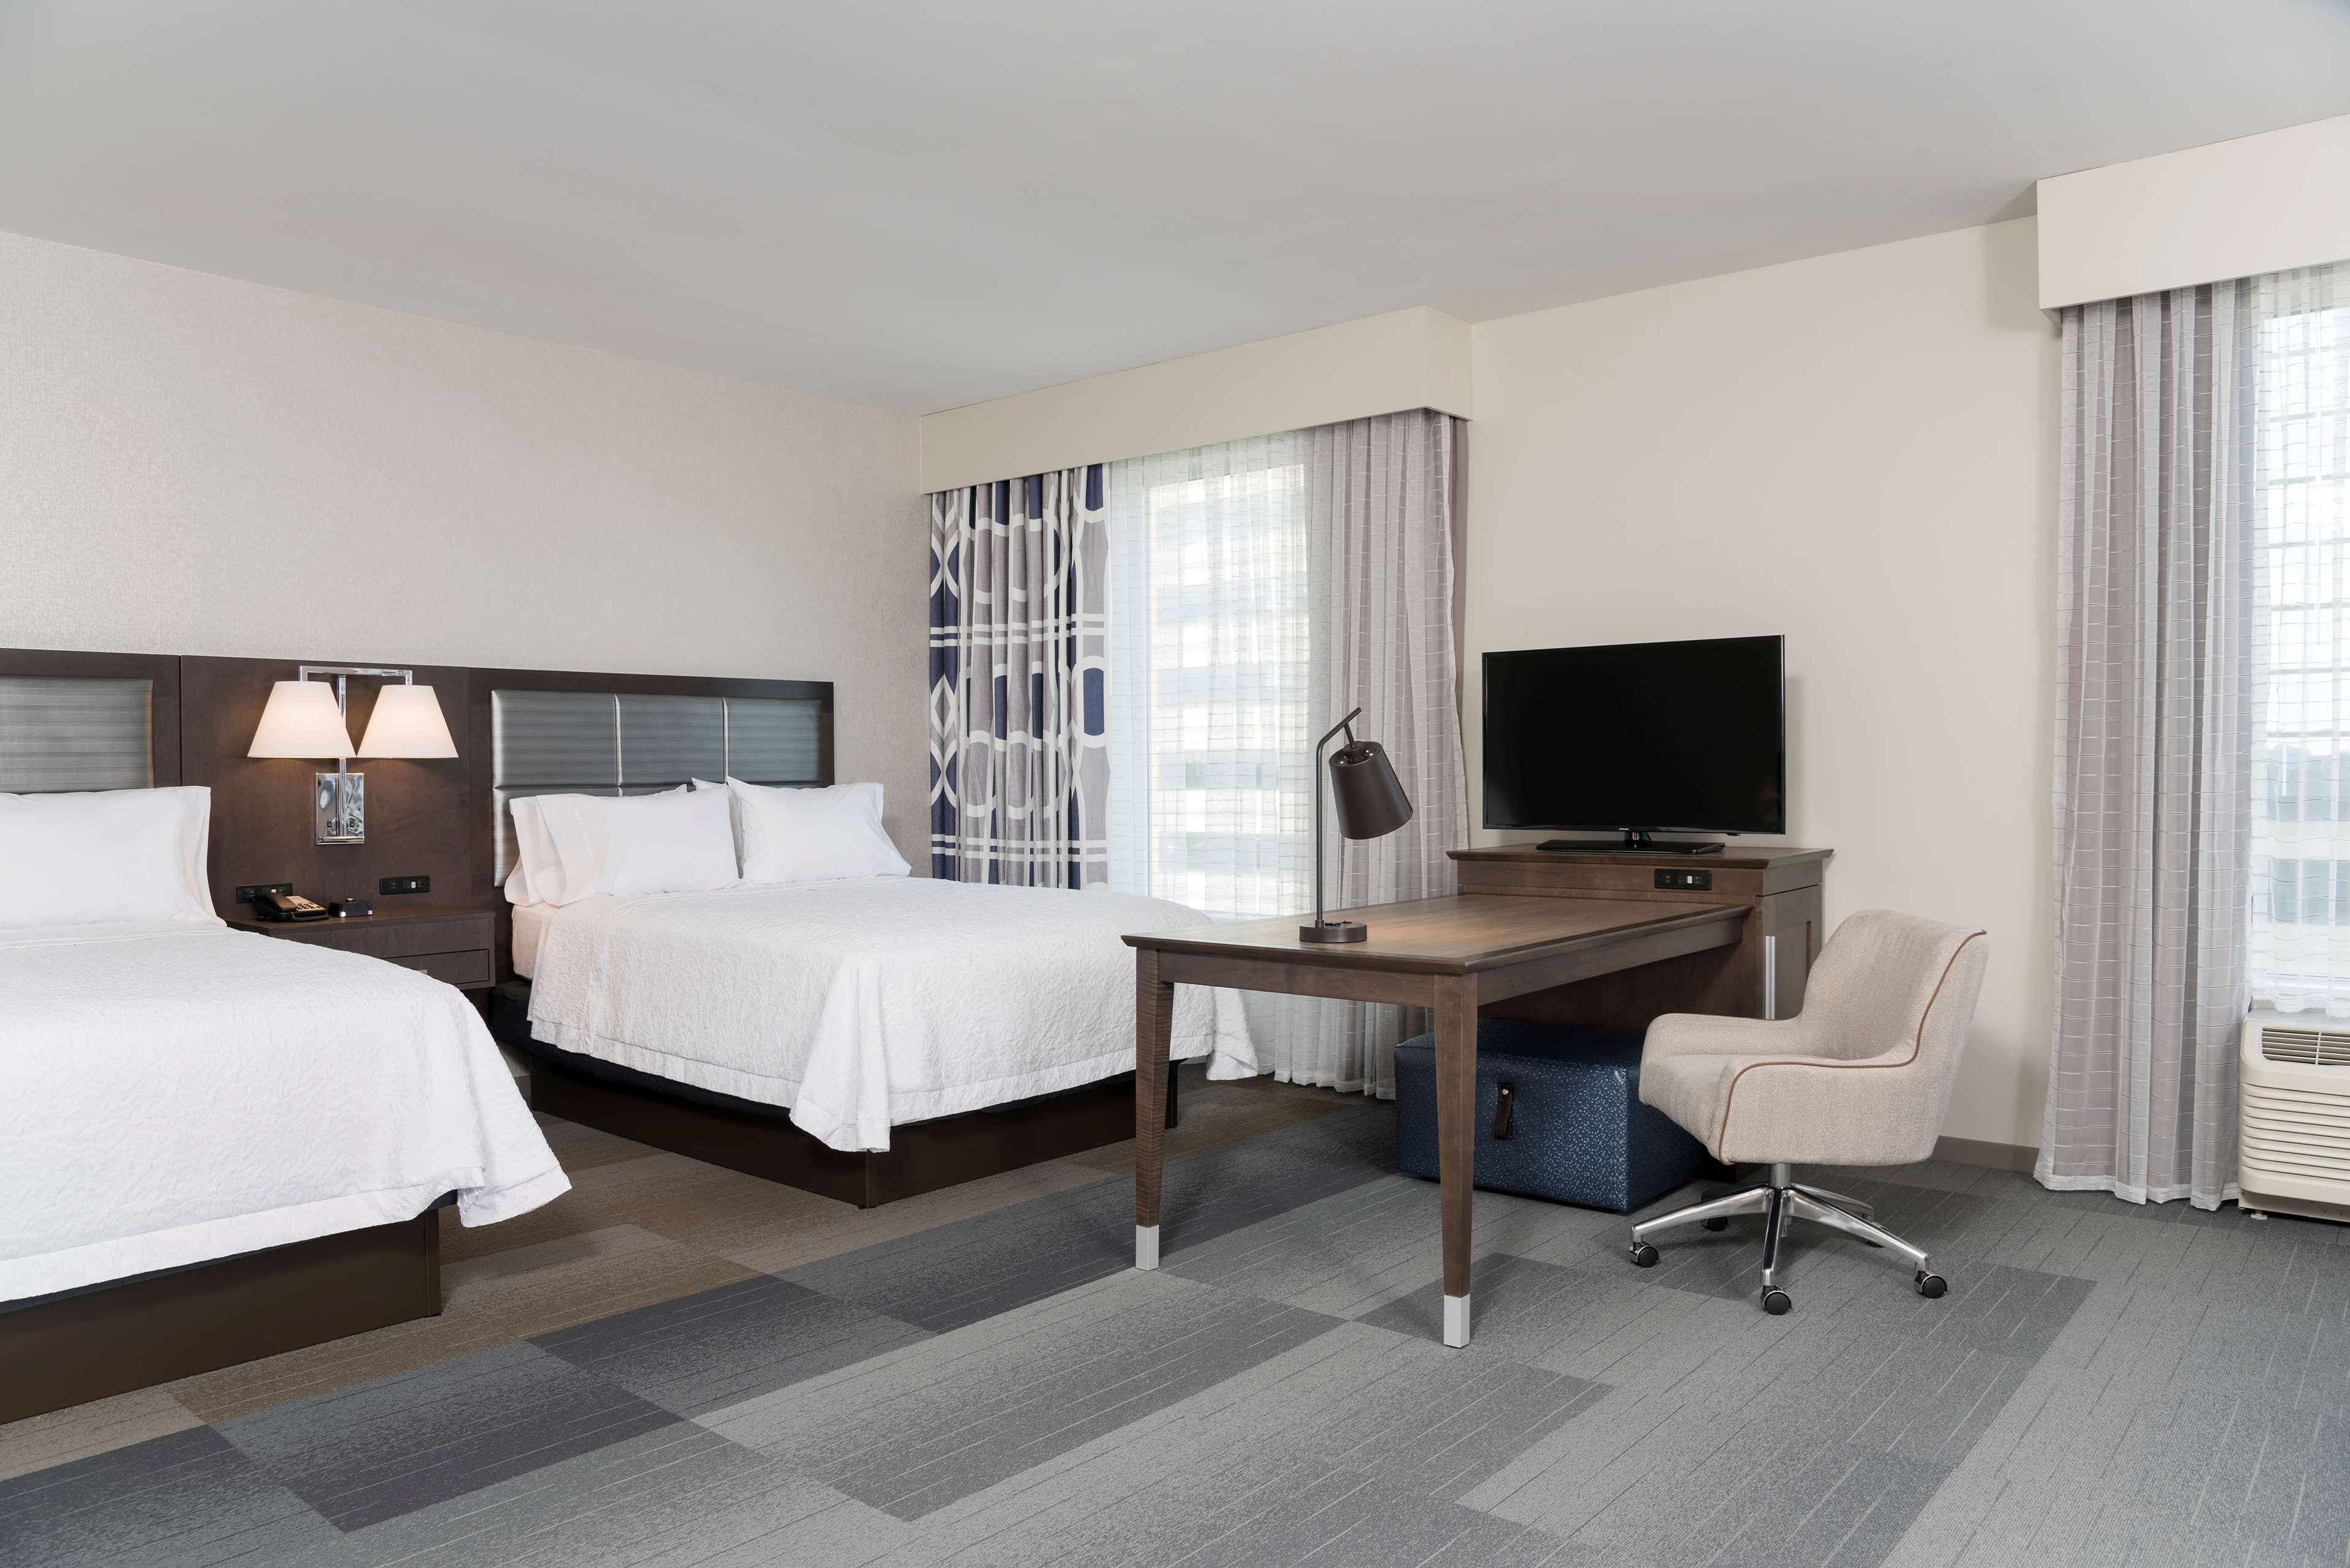 Hampton Inn & Suites Indianapolis-Keystone image 26